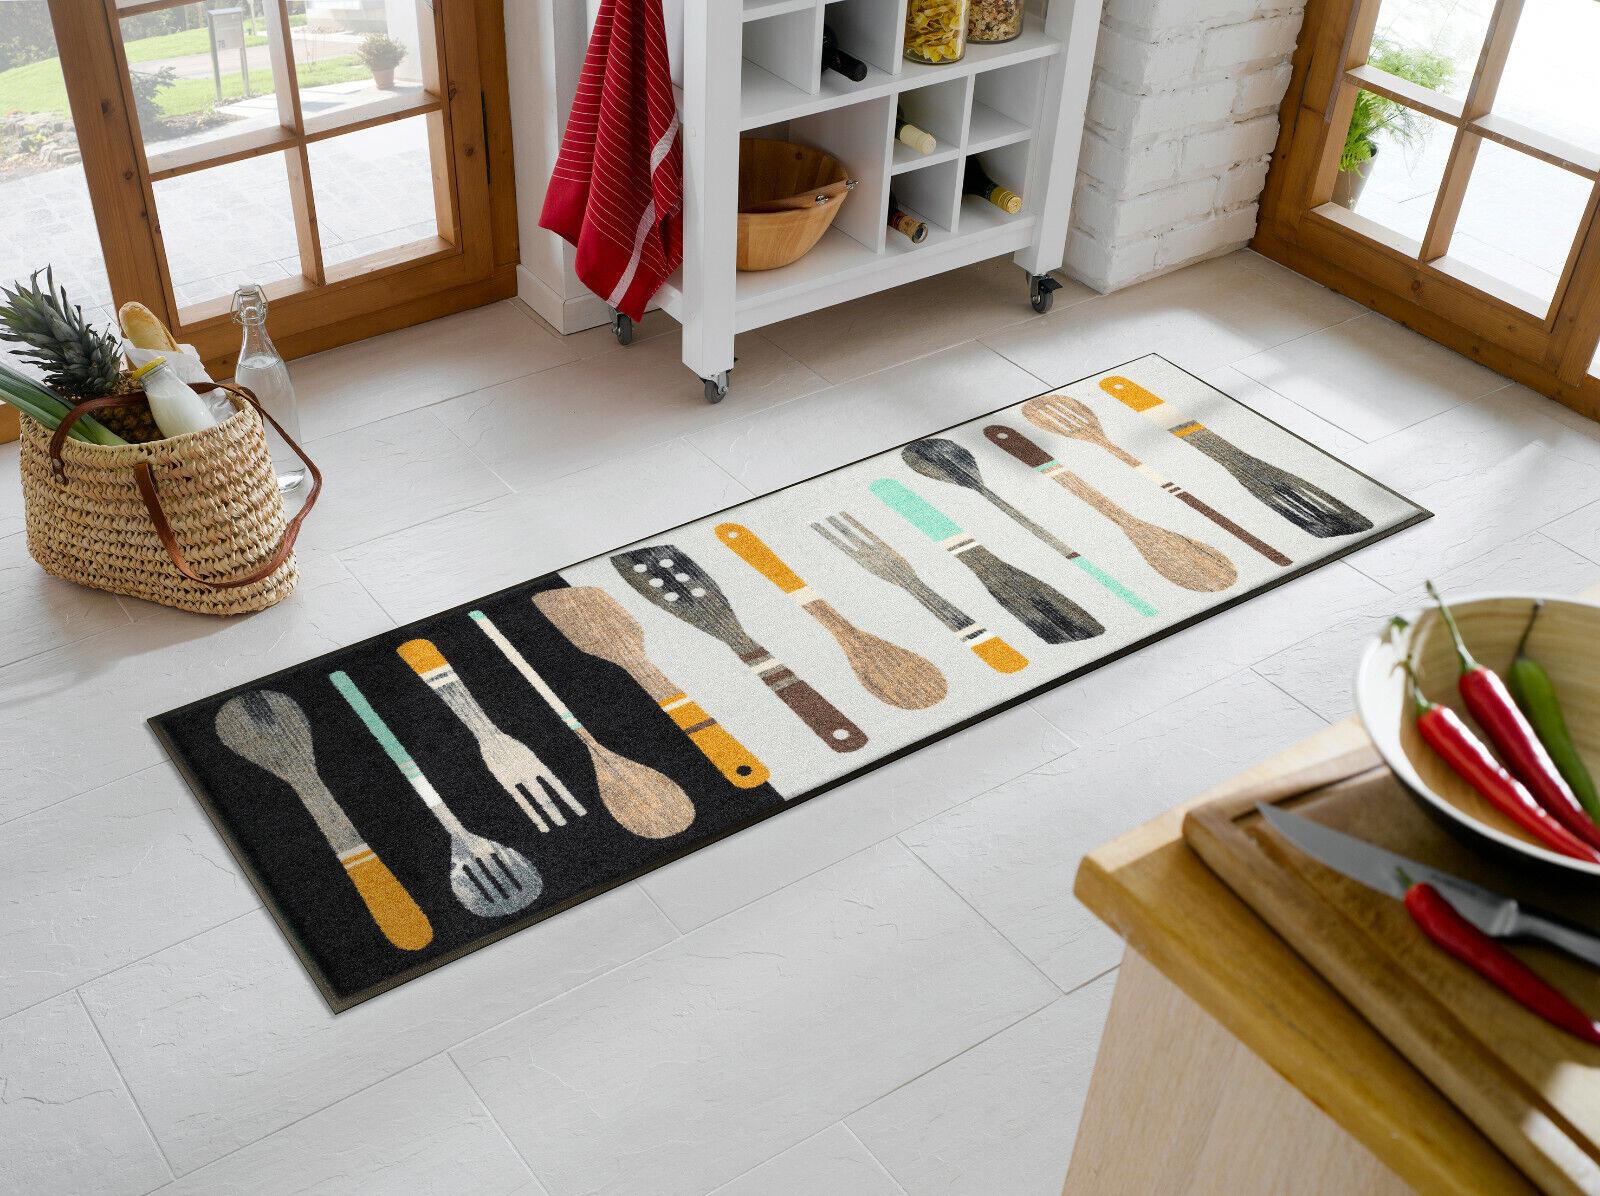 Fußmatte wash+dry Cooking Tools Tools Tools ca.60x180cm waschbar Matte Kleen Tex e3b3c4